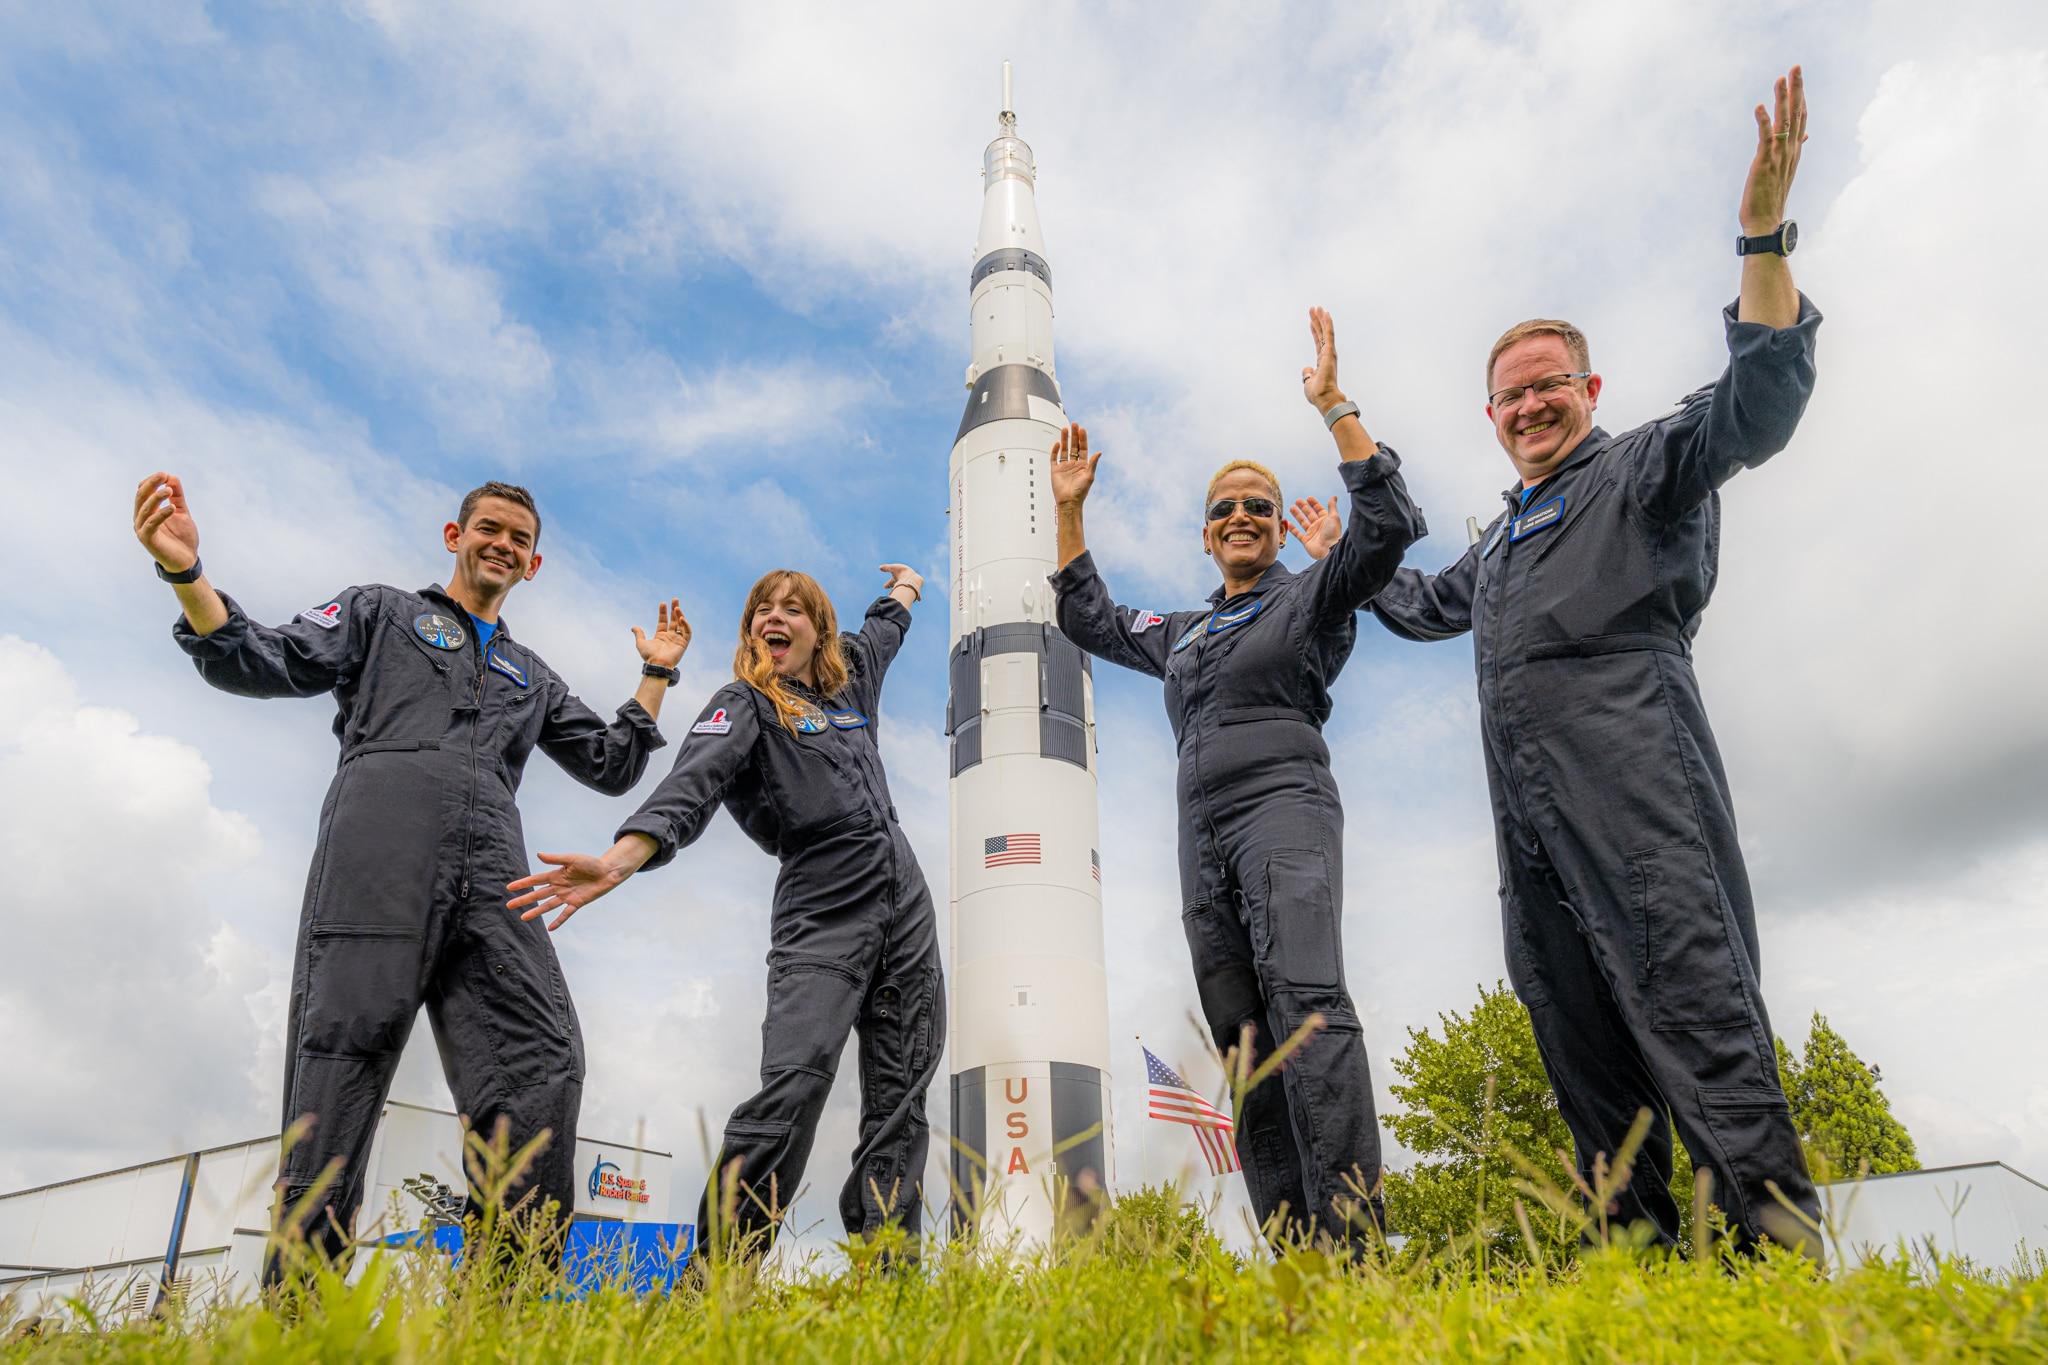 L'equipaggio della missione Inspiration4 di SpaceX in visita allo Space Camp in Alabama. Il lancio sarà documentato da Netflix. Crediti: Inspiration4 / John Kraus.